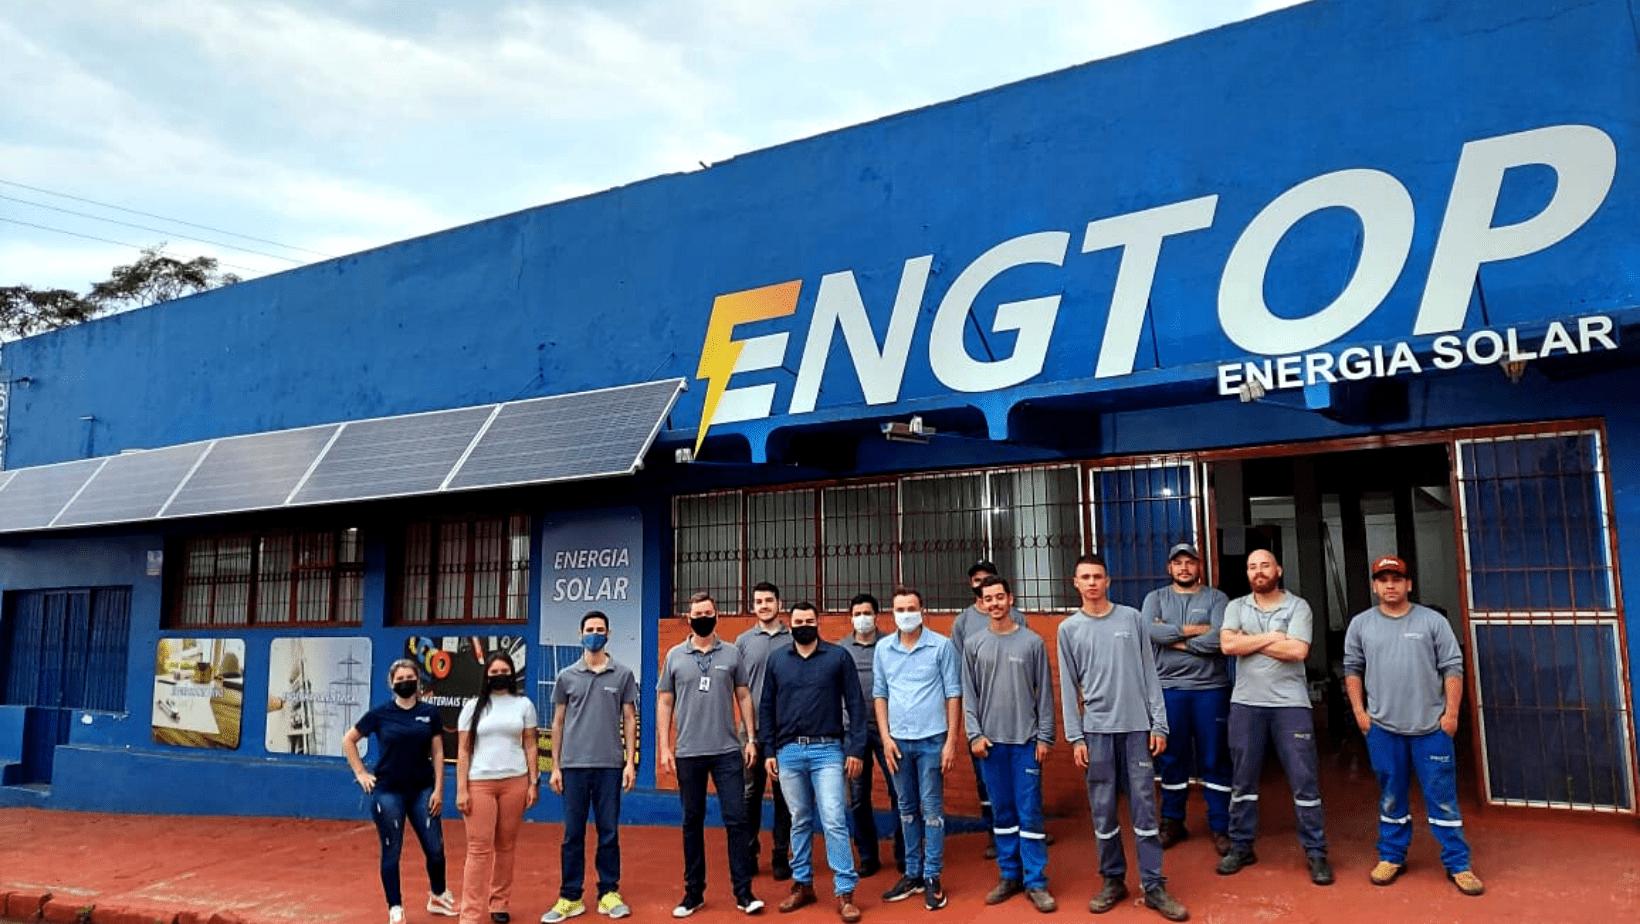 ENGTOP Energia Solar se torna uma das referências do setor em São Luiz Gonzaga